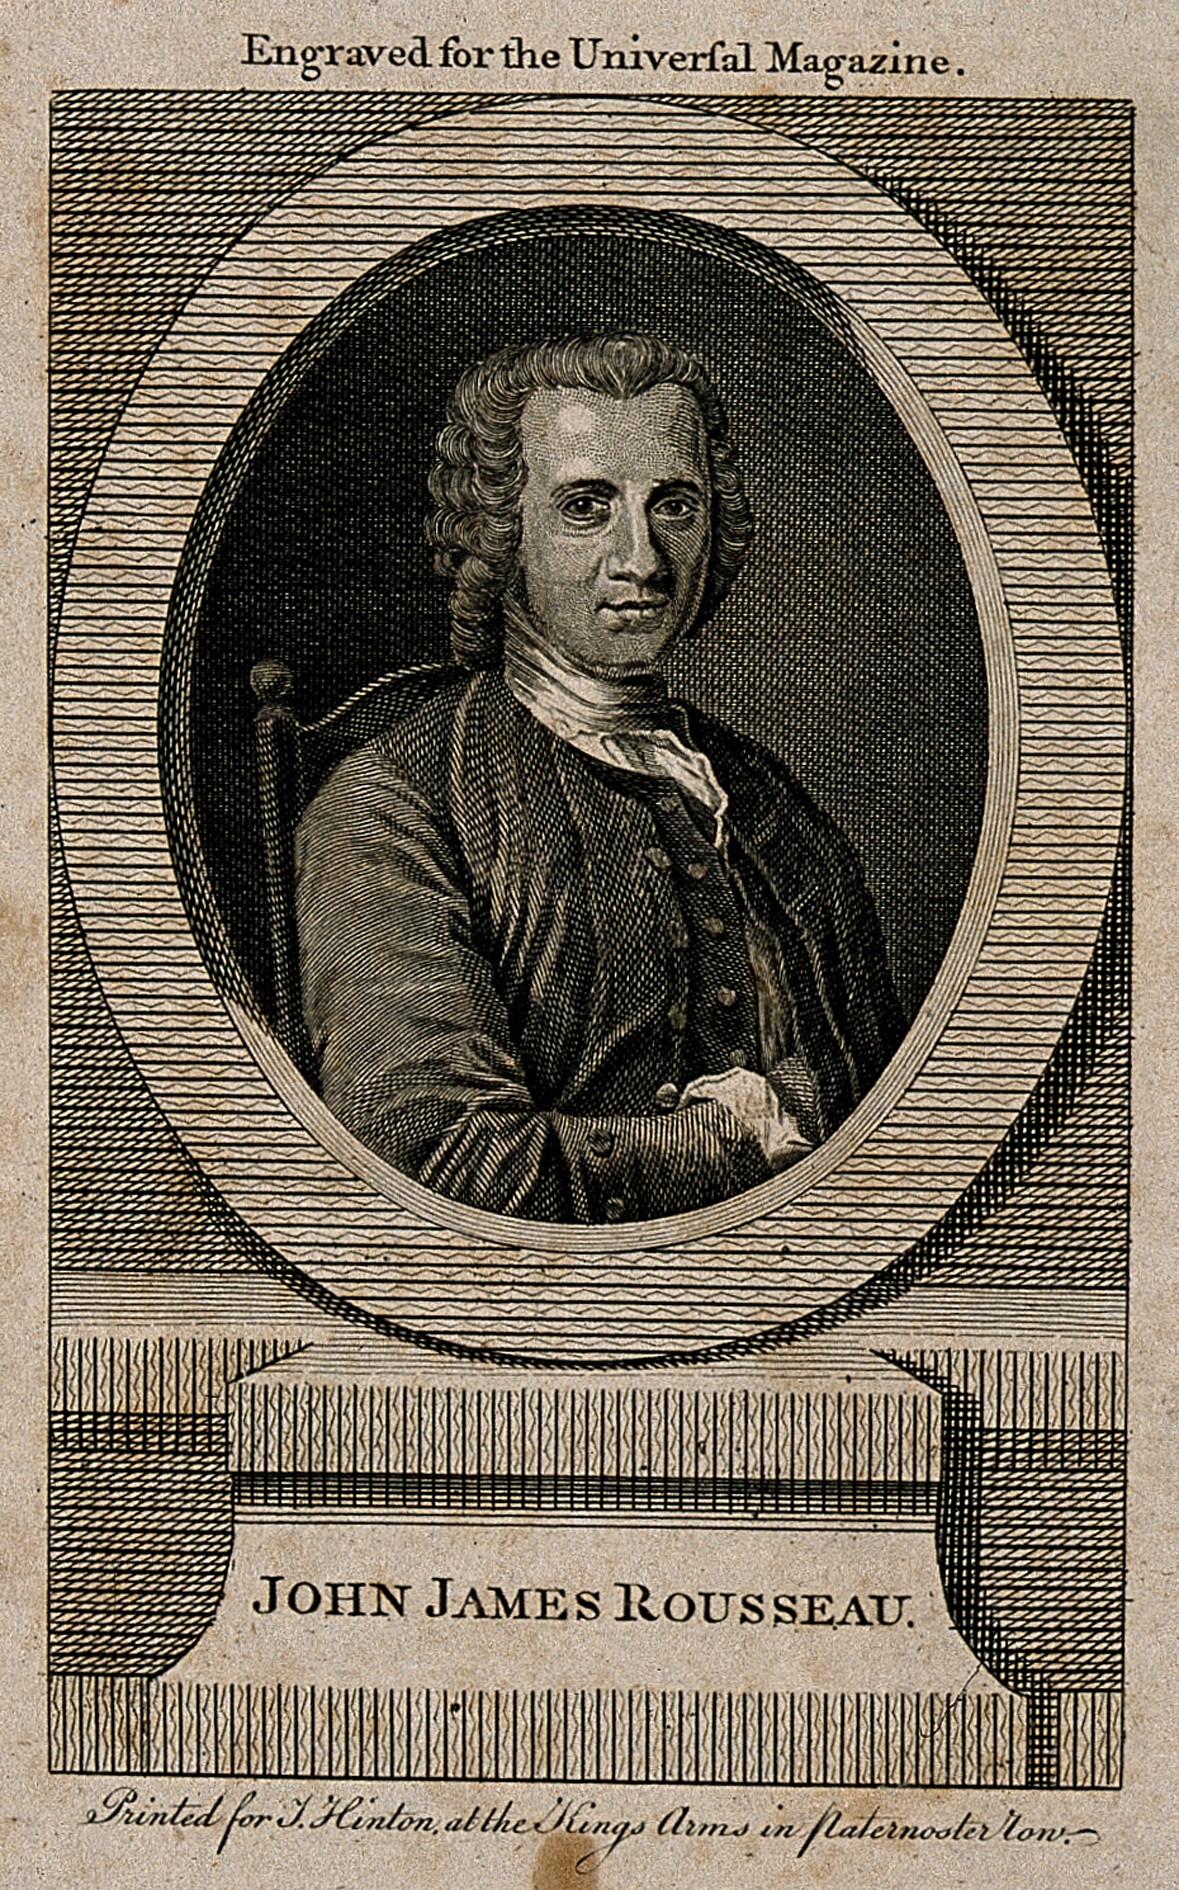 Jean-jacques Rousseau photo #111647, Jean-jacques Rousseau image